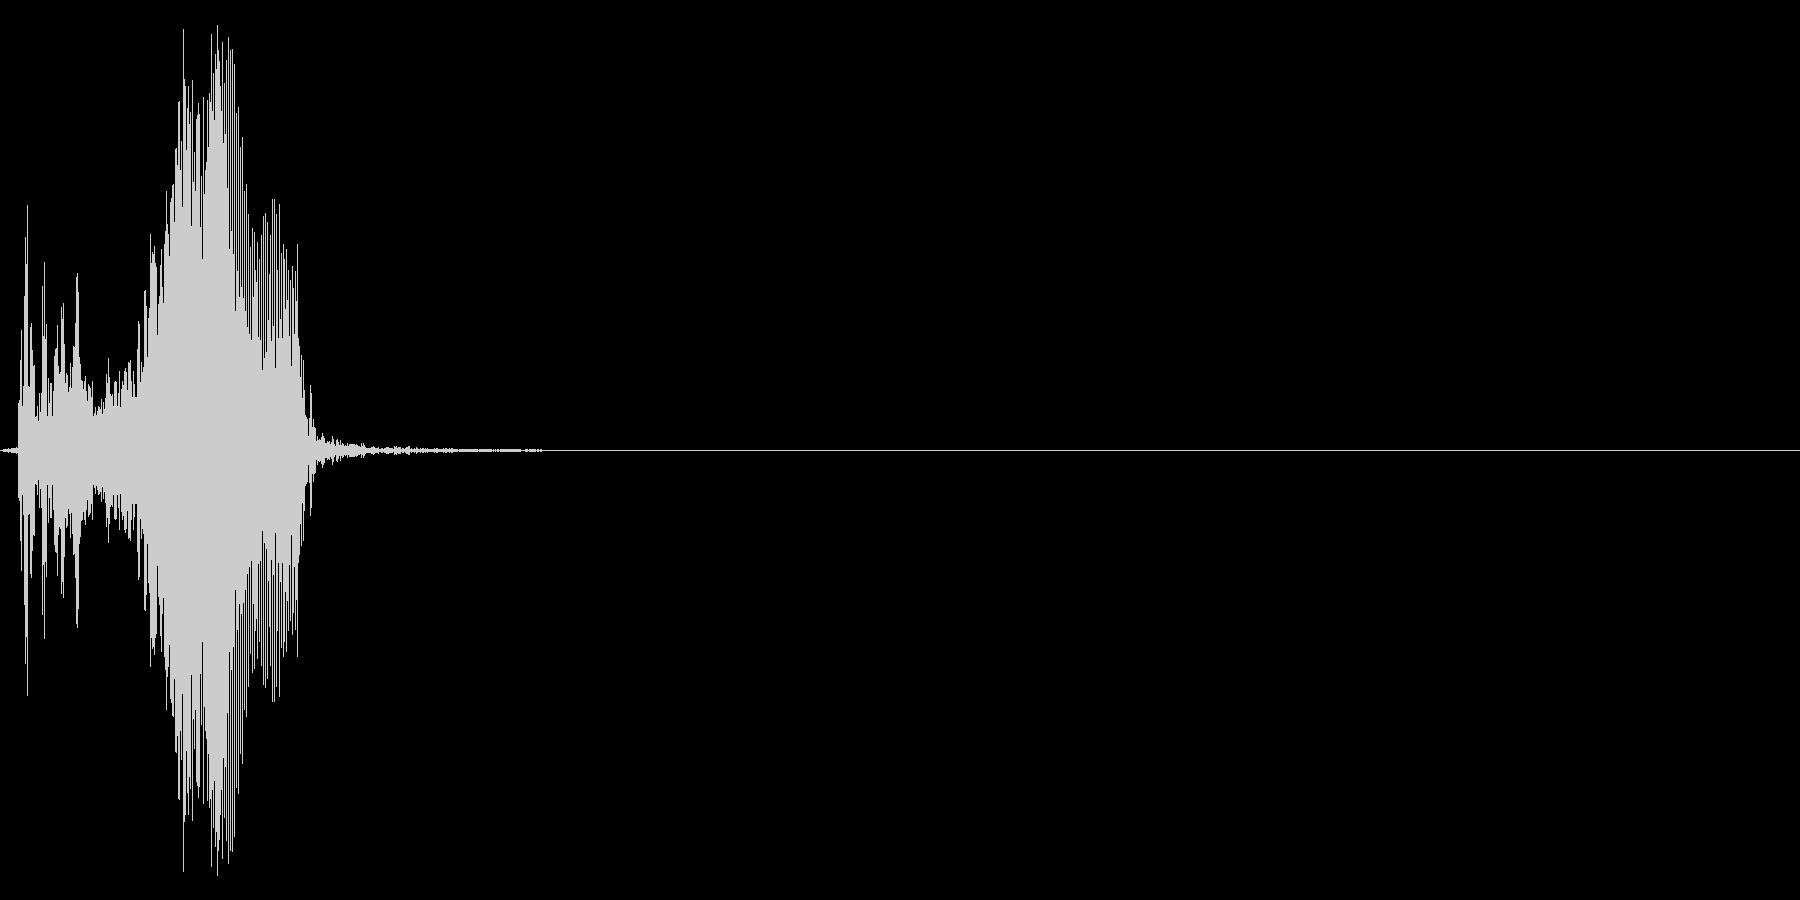 ジッパー、ファスナーを開ける音2-4の未再生の波形